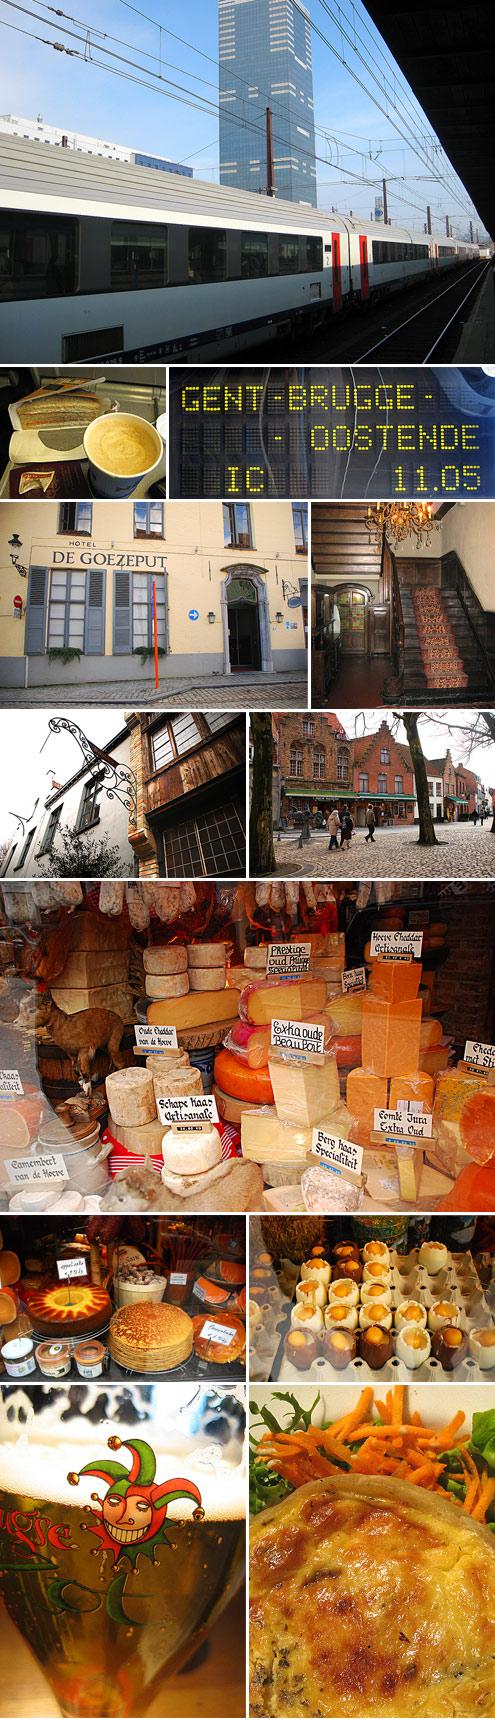 Brugge: March 2009